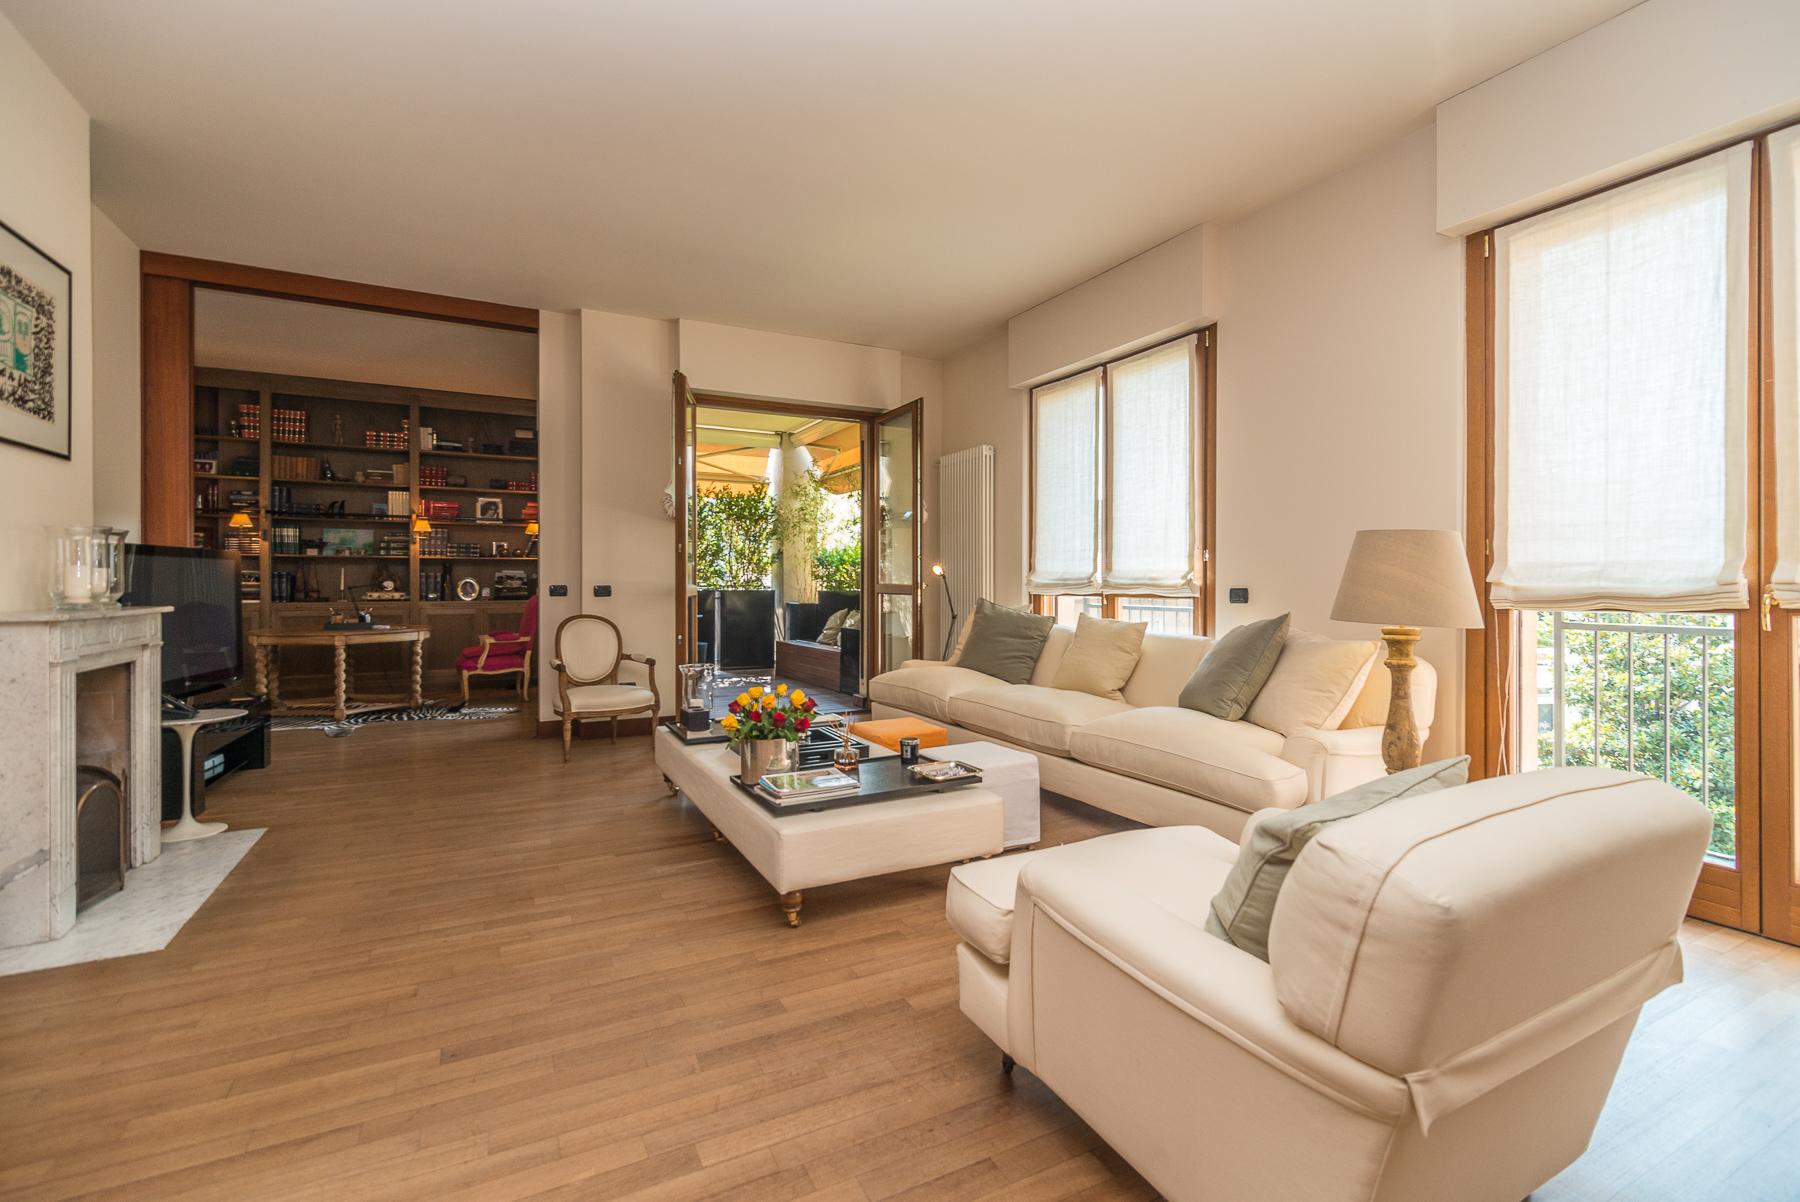 Appartamento di lusso in affitto a milano via bullona for Affitto studio eur